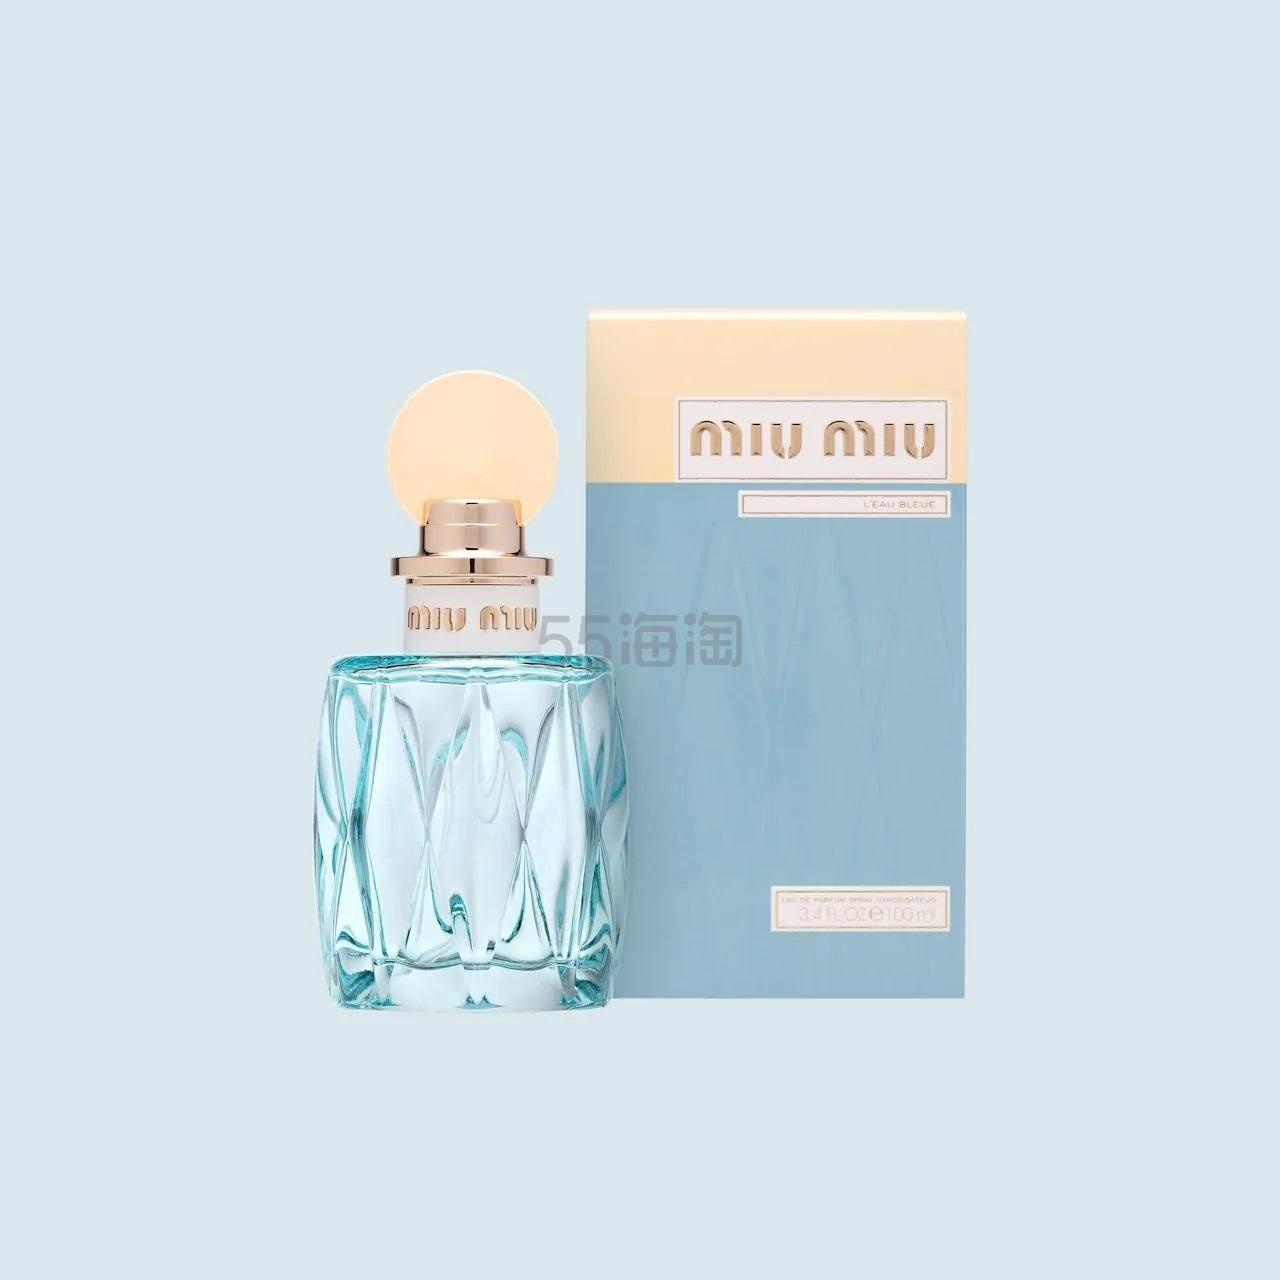 【直邮包税】Miu Miu LEau Bleue 蓝色之水春日花园女士淡香水 100ml .99(约492元) - 海淘优惠海淘折扣|55海淘网